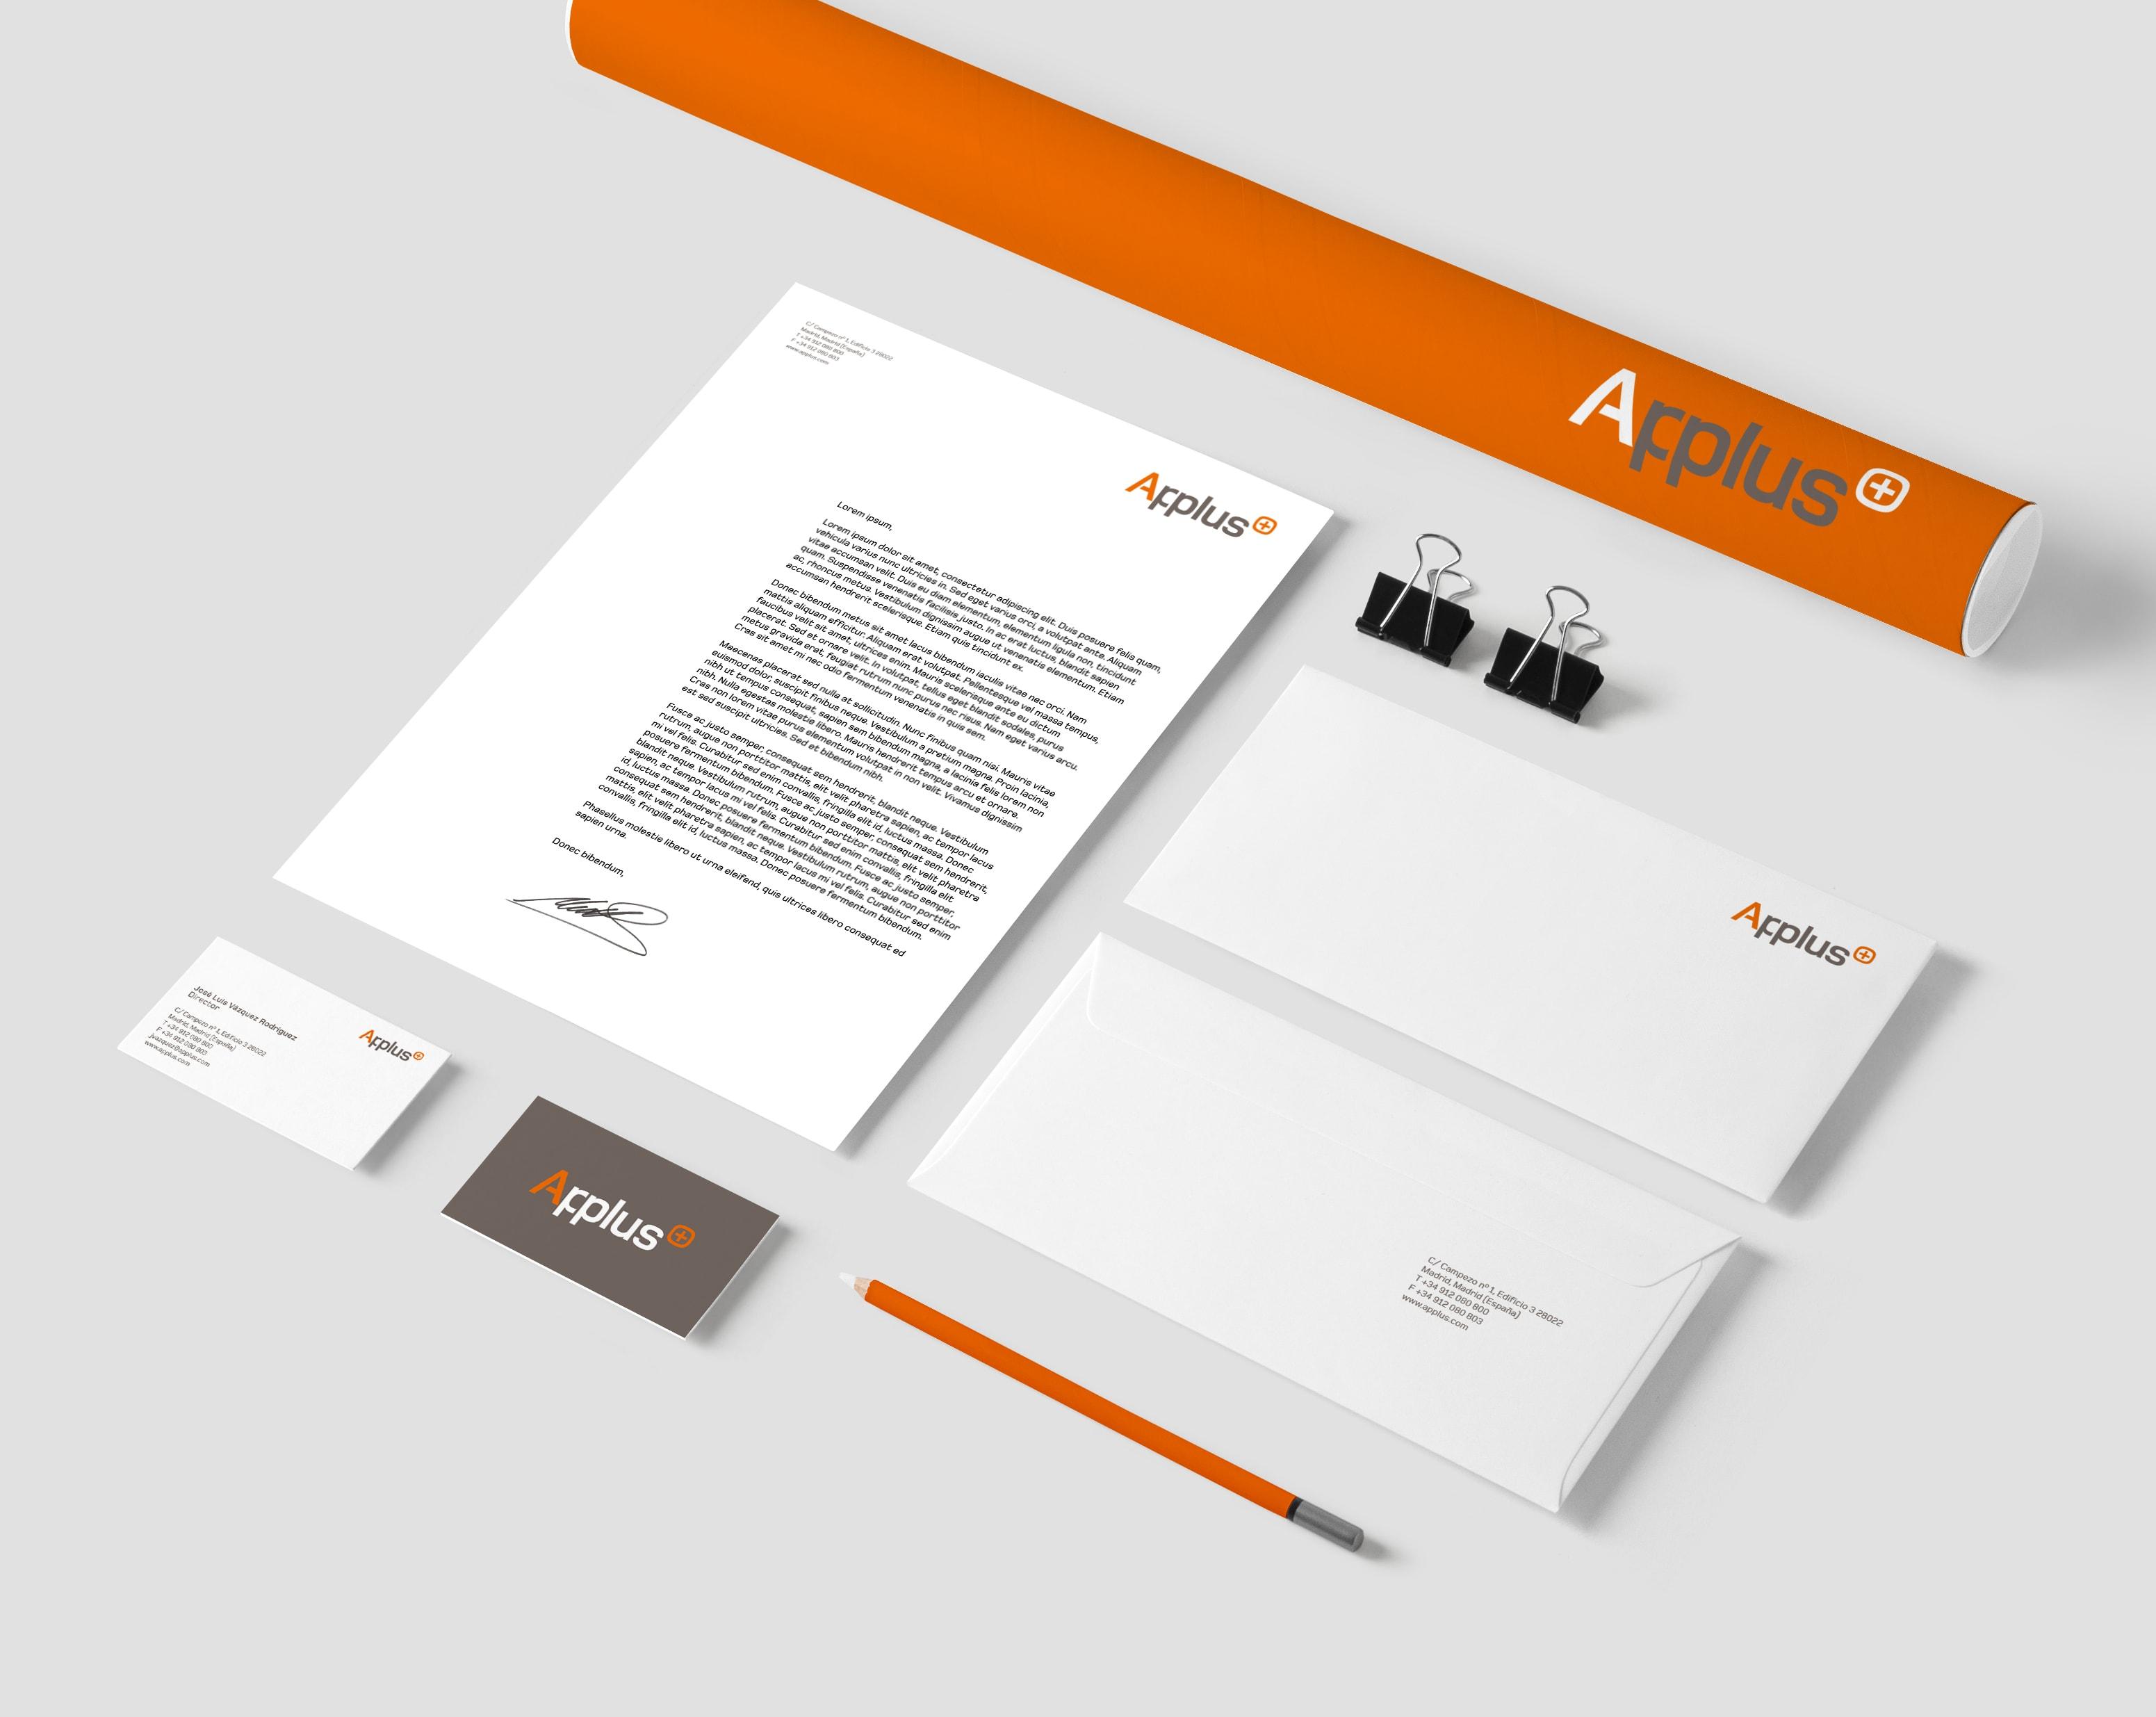 diseño applus papeleria